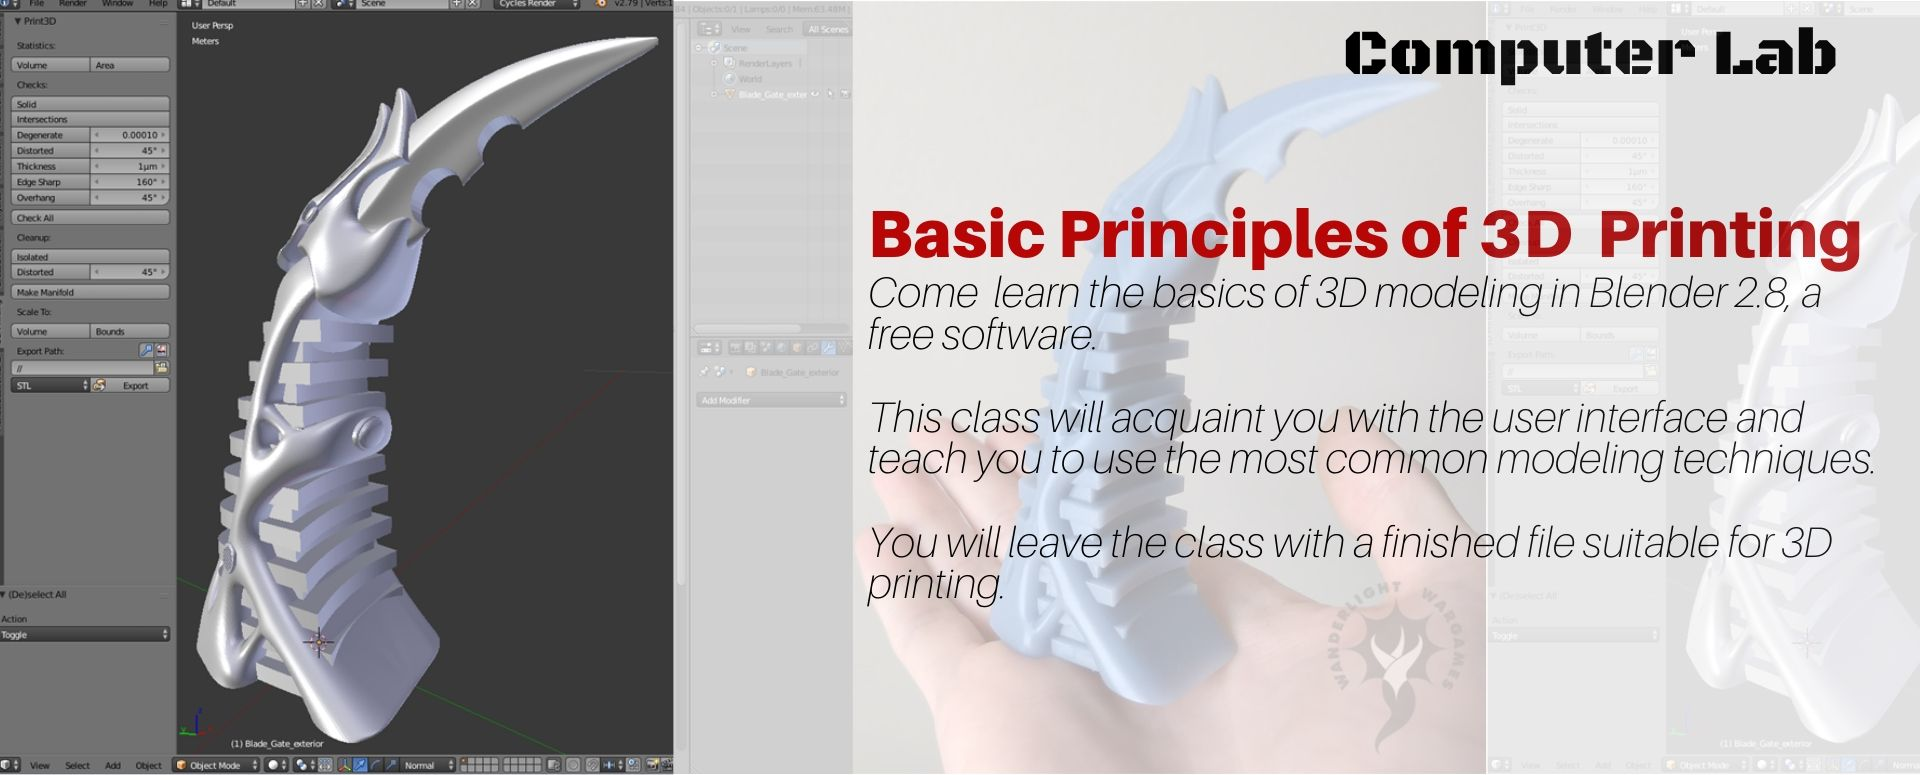 Blender 2.8 - Modeling for 3D printing INTRO Workshop